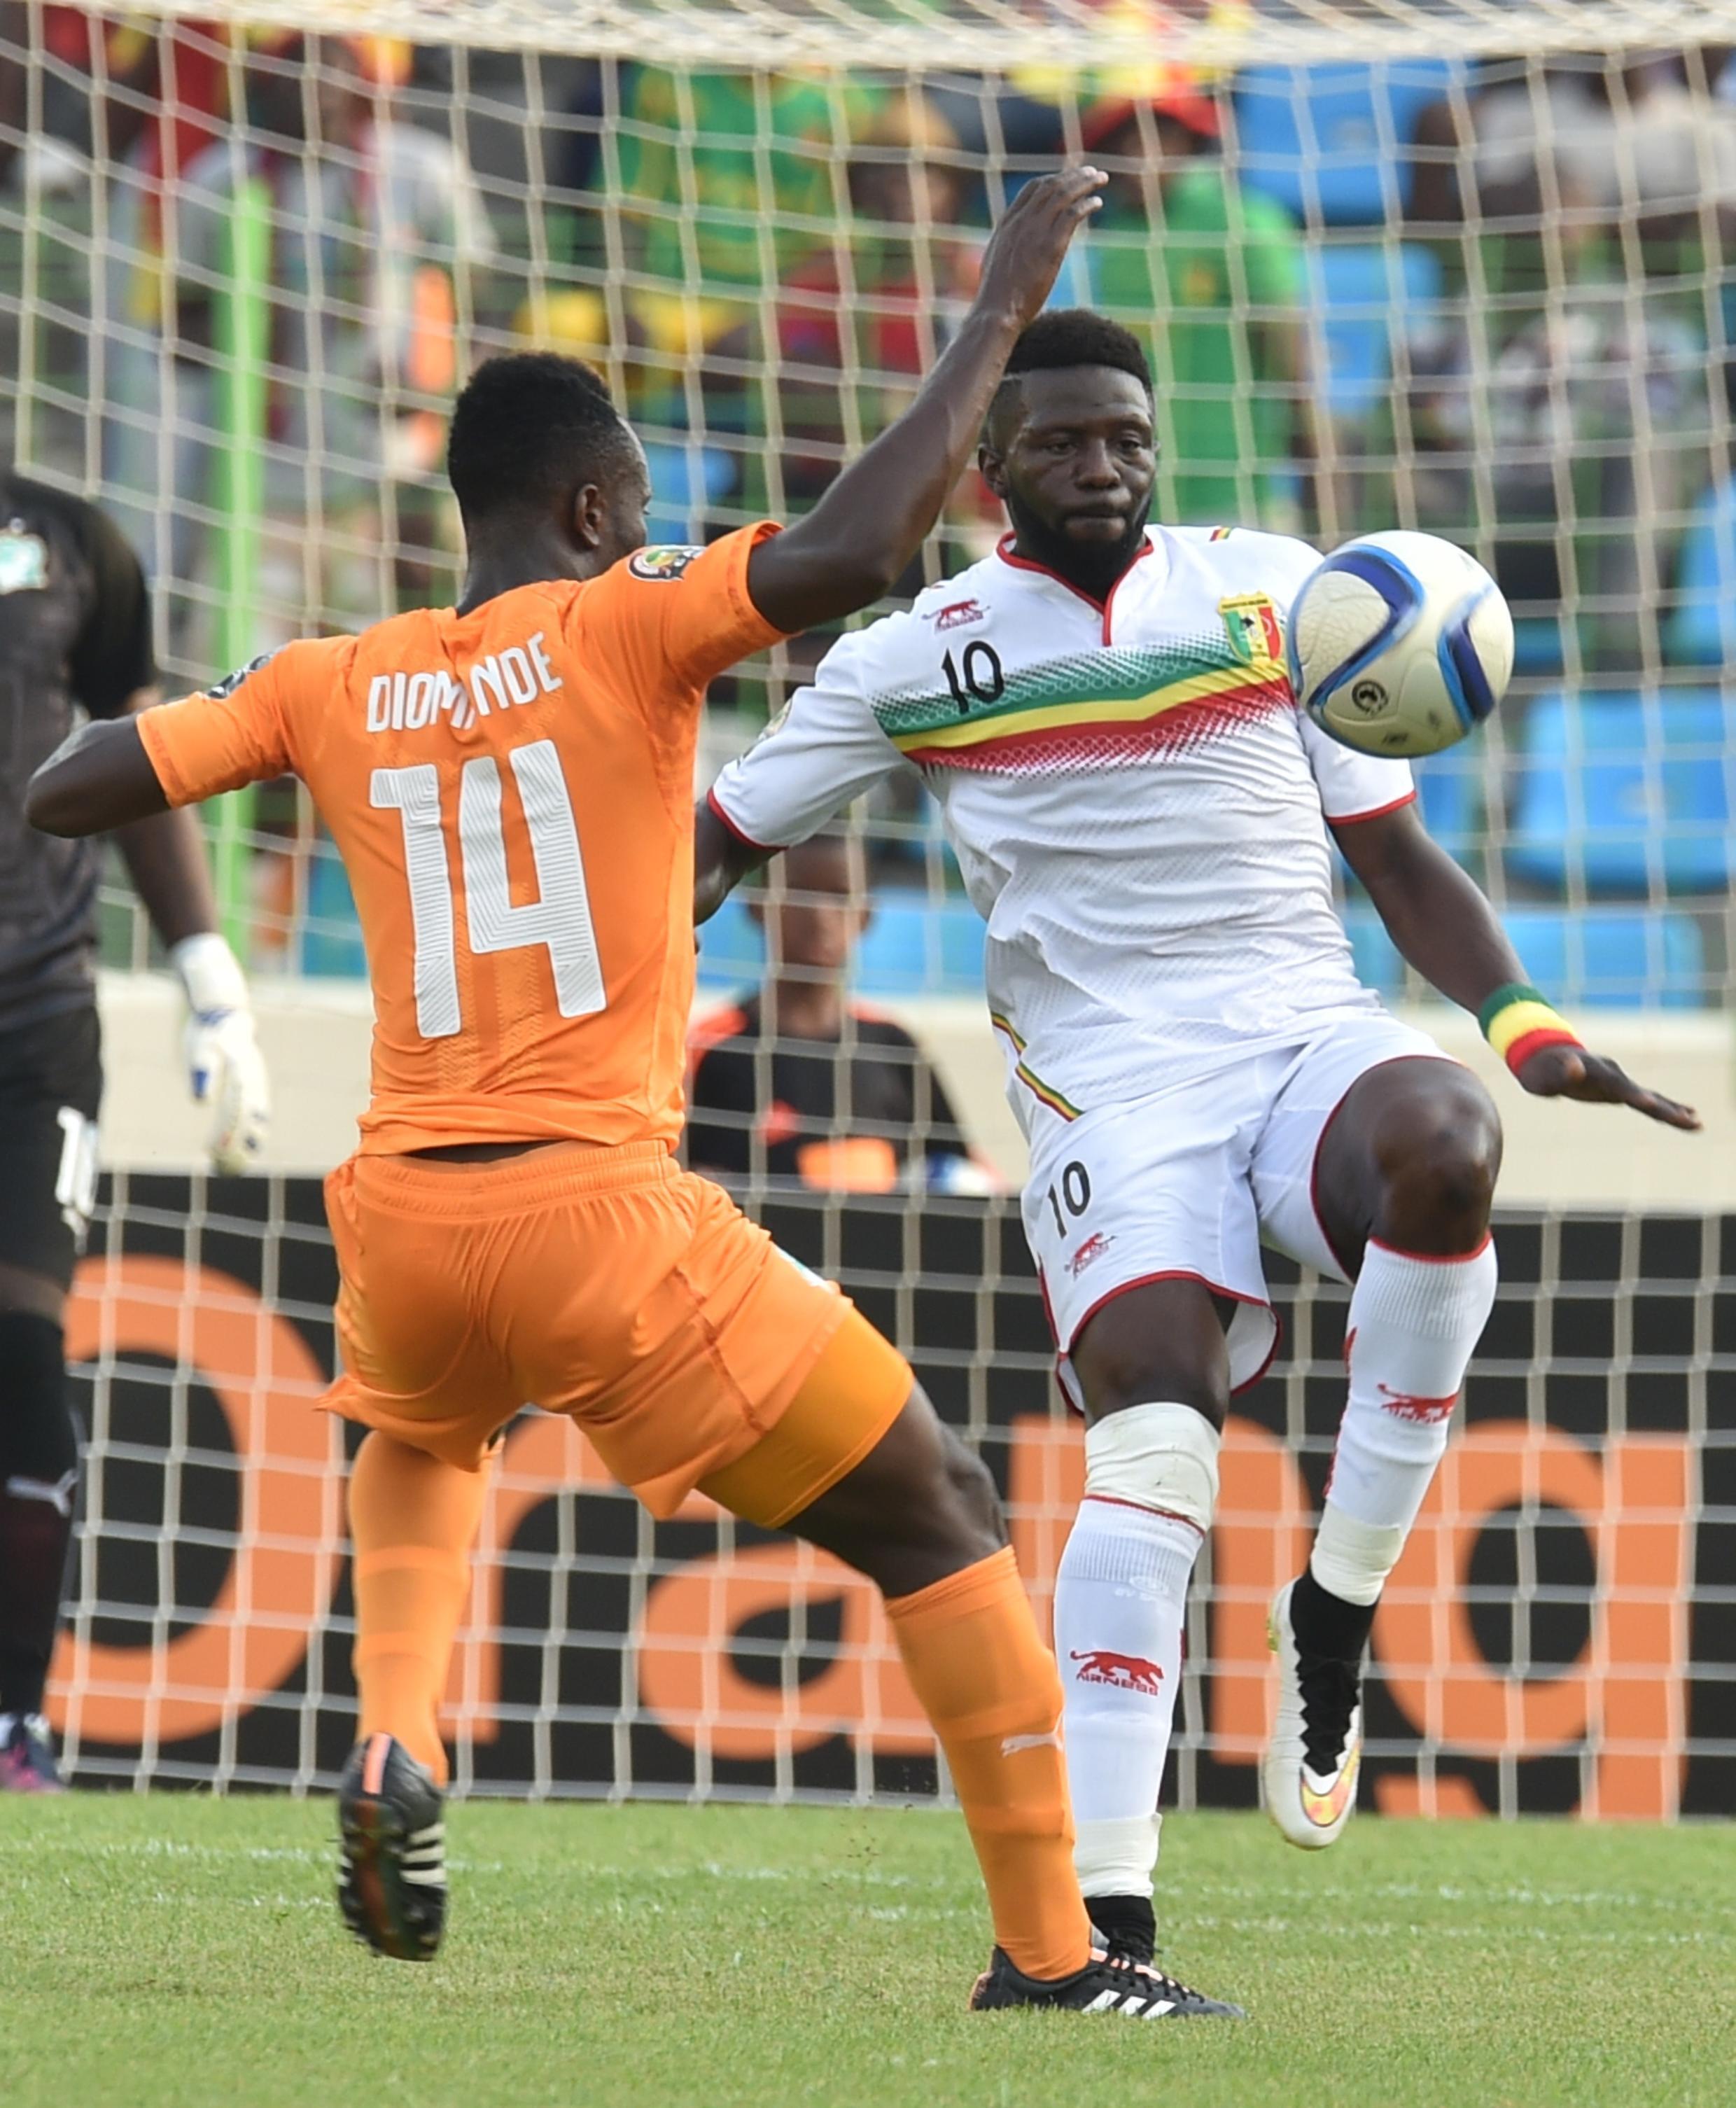 Mali's Bakary Sako with Cote D'Ivoire's Ismaël Diomandé.